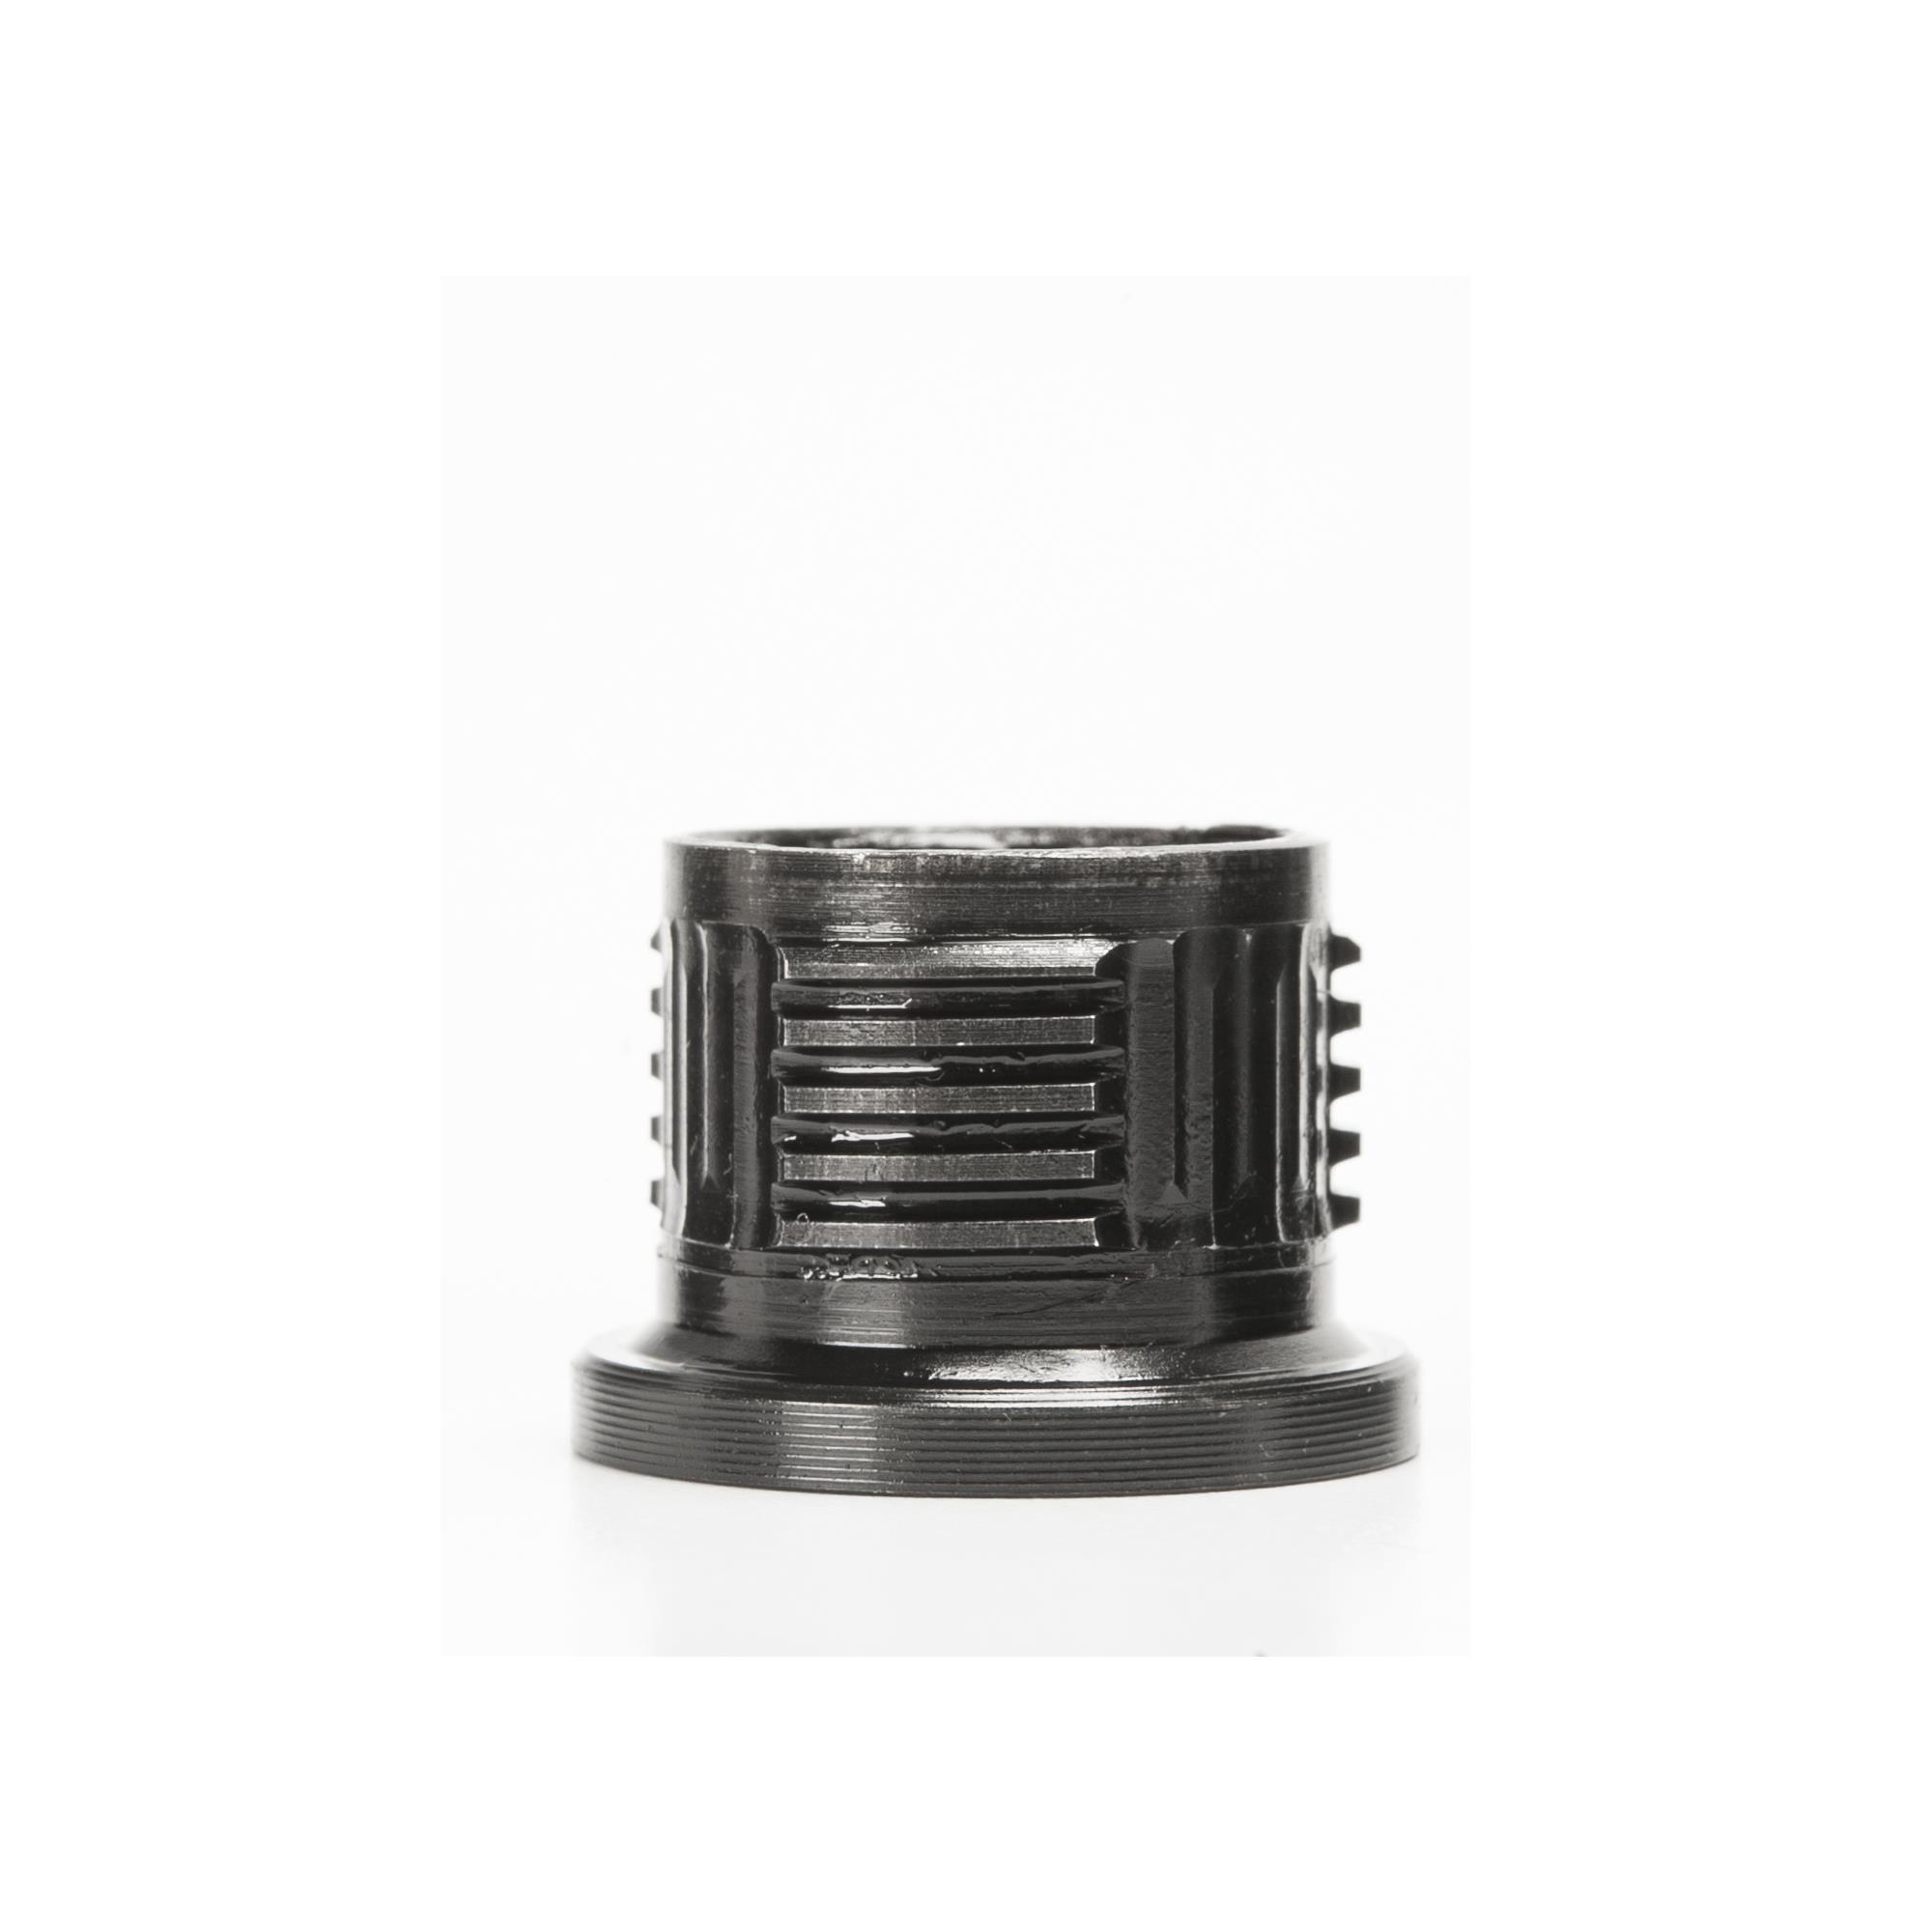 A-Tec A-Lock Mini